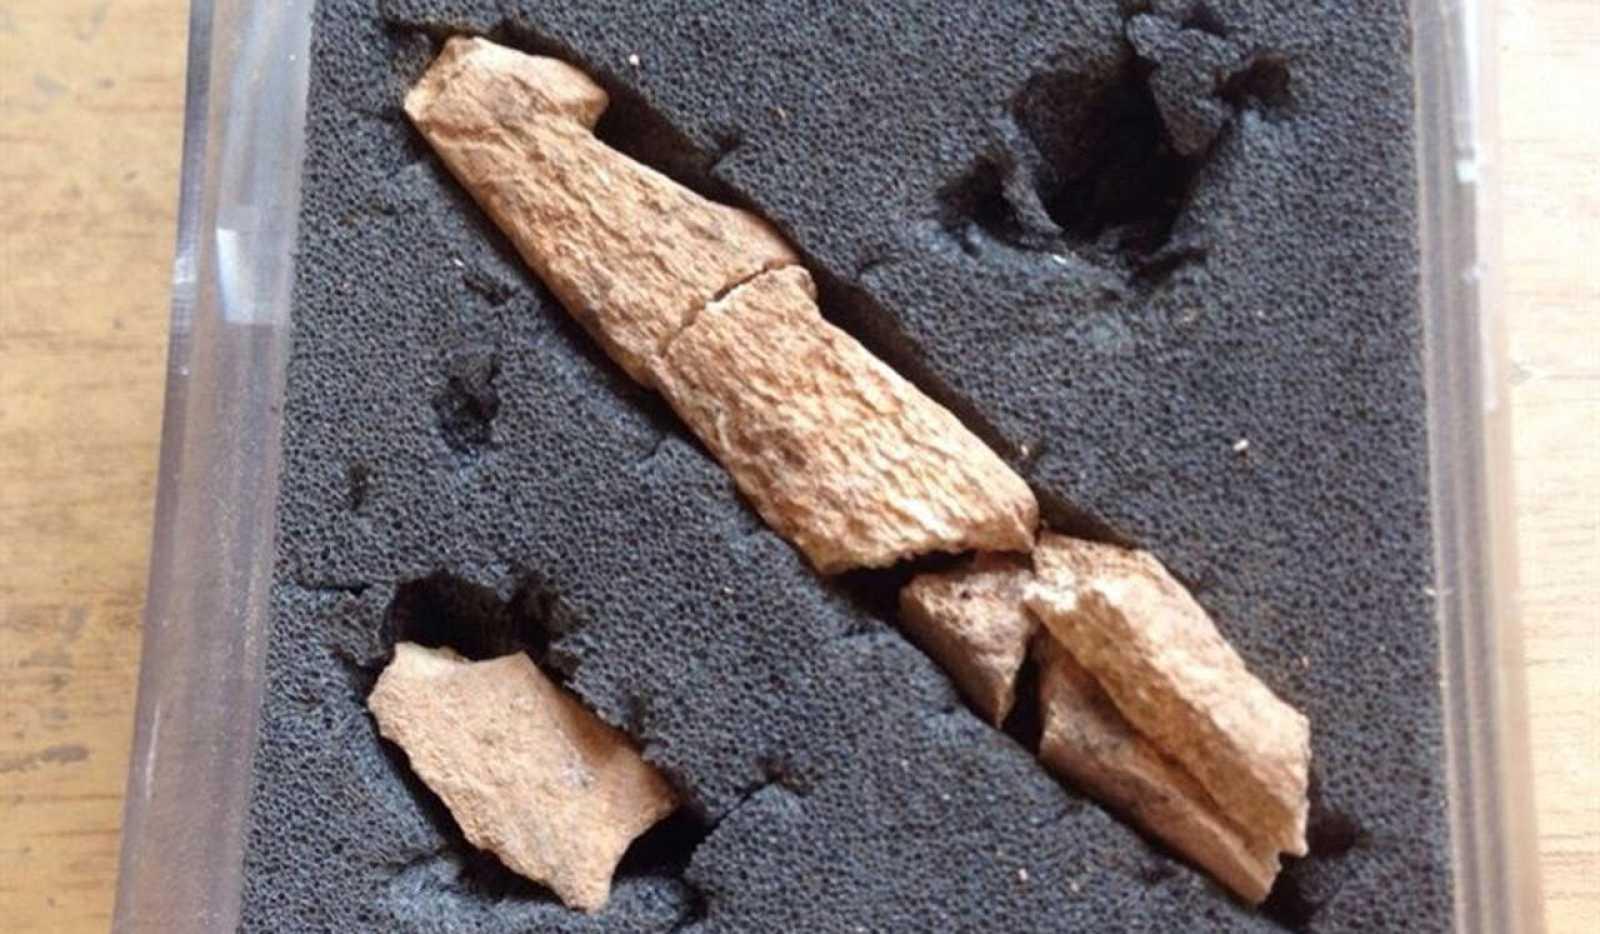 Los restos arqueológicos corresponden al Paleolítico superior.